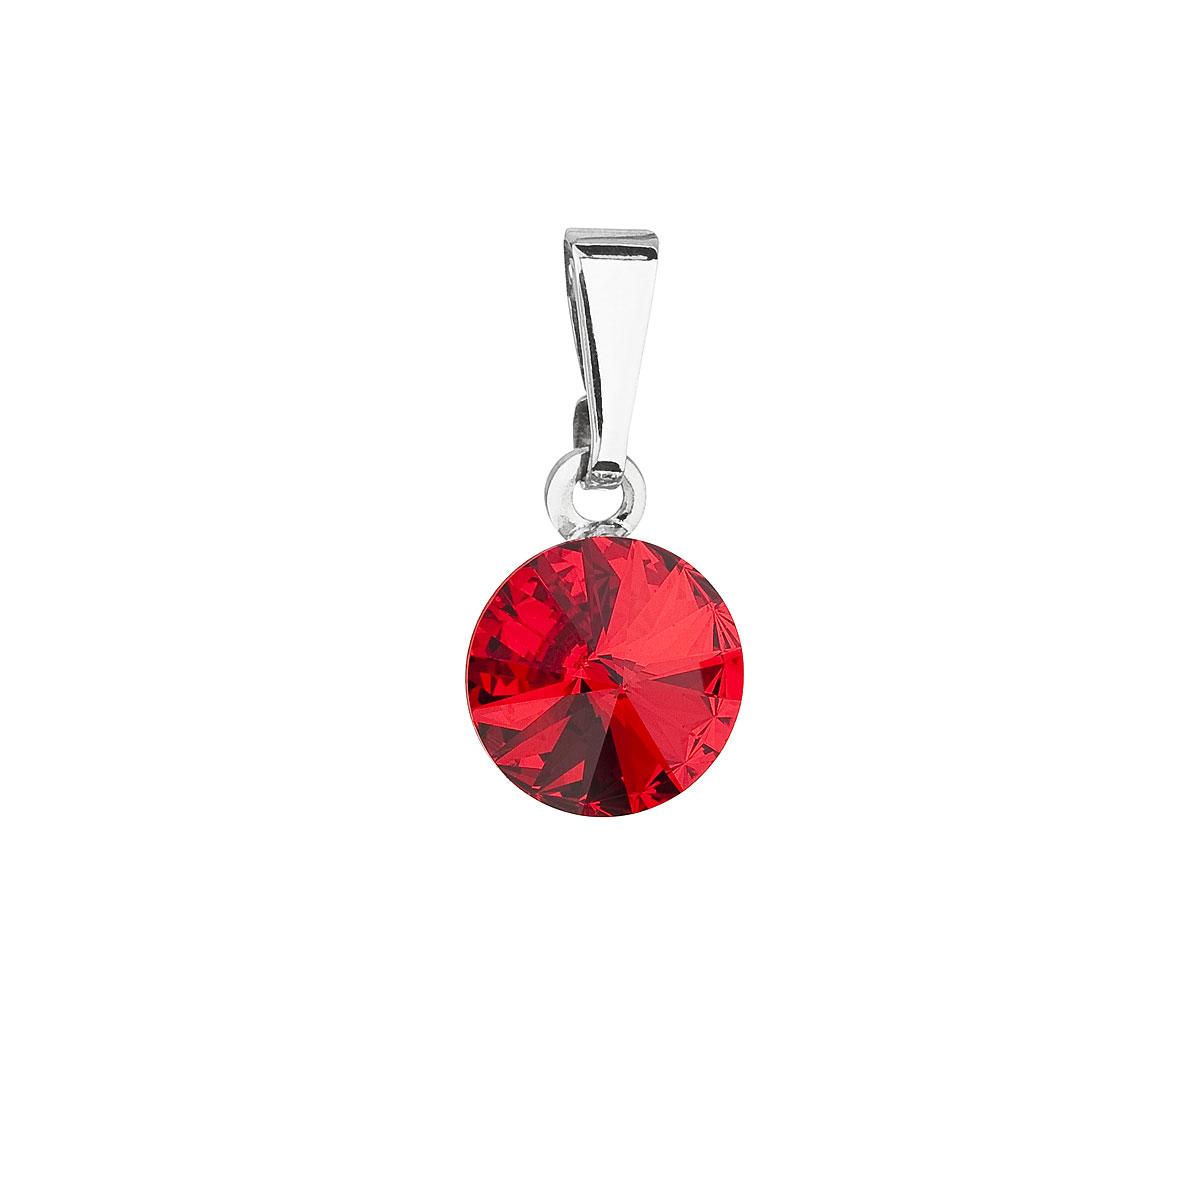 Evolution Group Přívěsek se Swarovski krystaly červený kulatý 54018.3